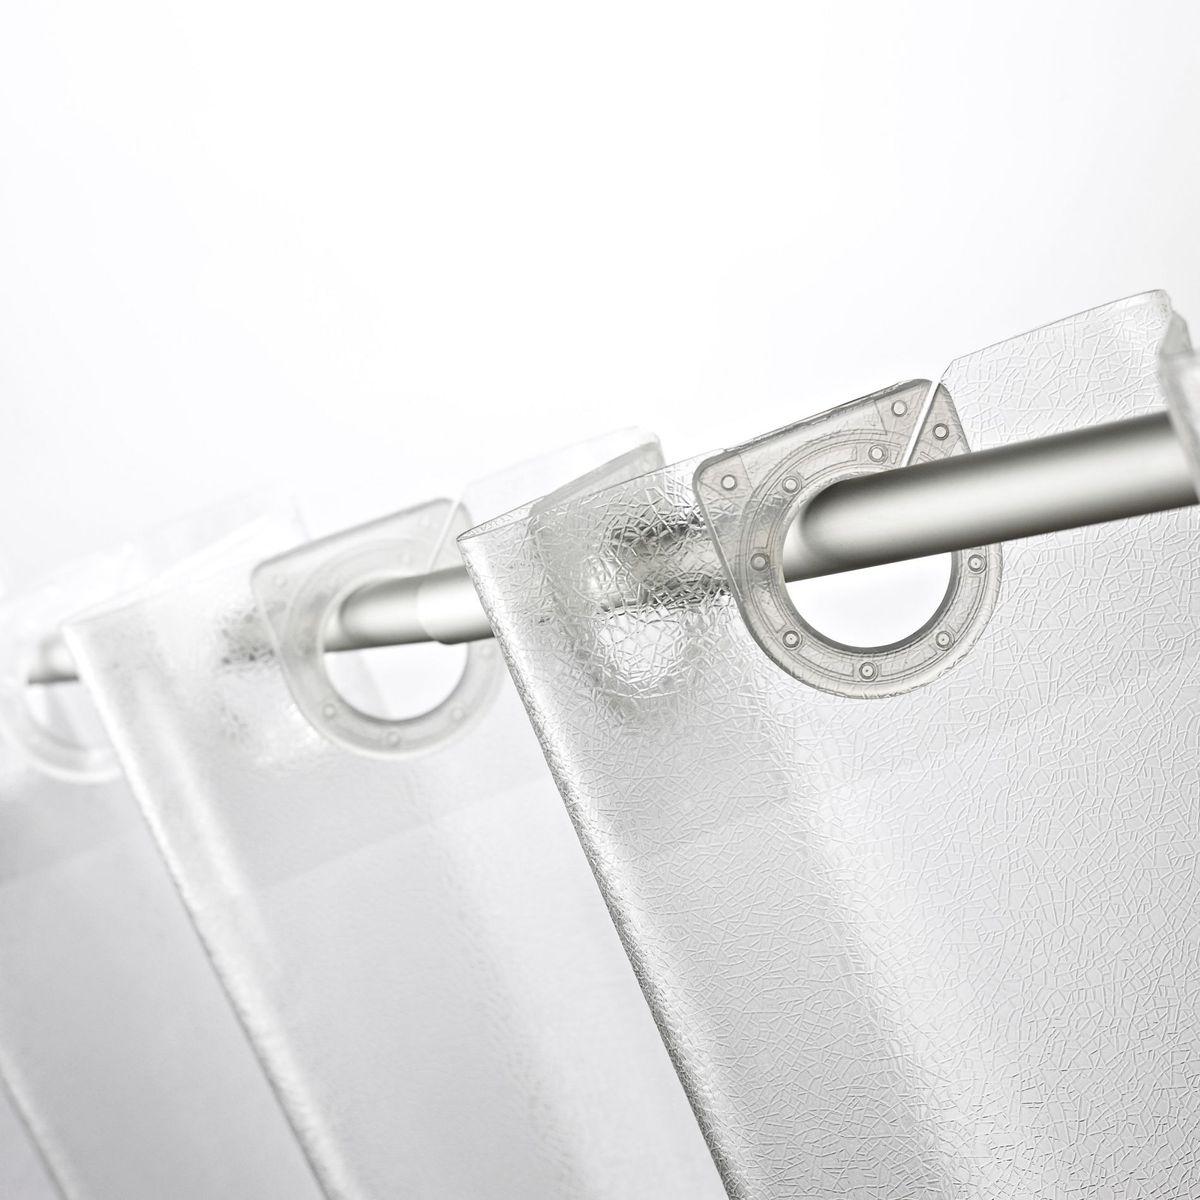 Штора для ванной комнаты Ridder Crashed Ice, 180 х 200 см35830Высококачественная немецкая штора для душа создает прекрасное настроение. Продукты из эколена не имеют запаха и считаются экологически чистыми. Ручная стирка. Не гладить.